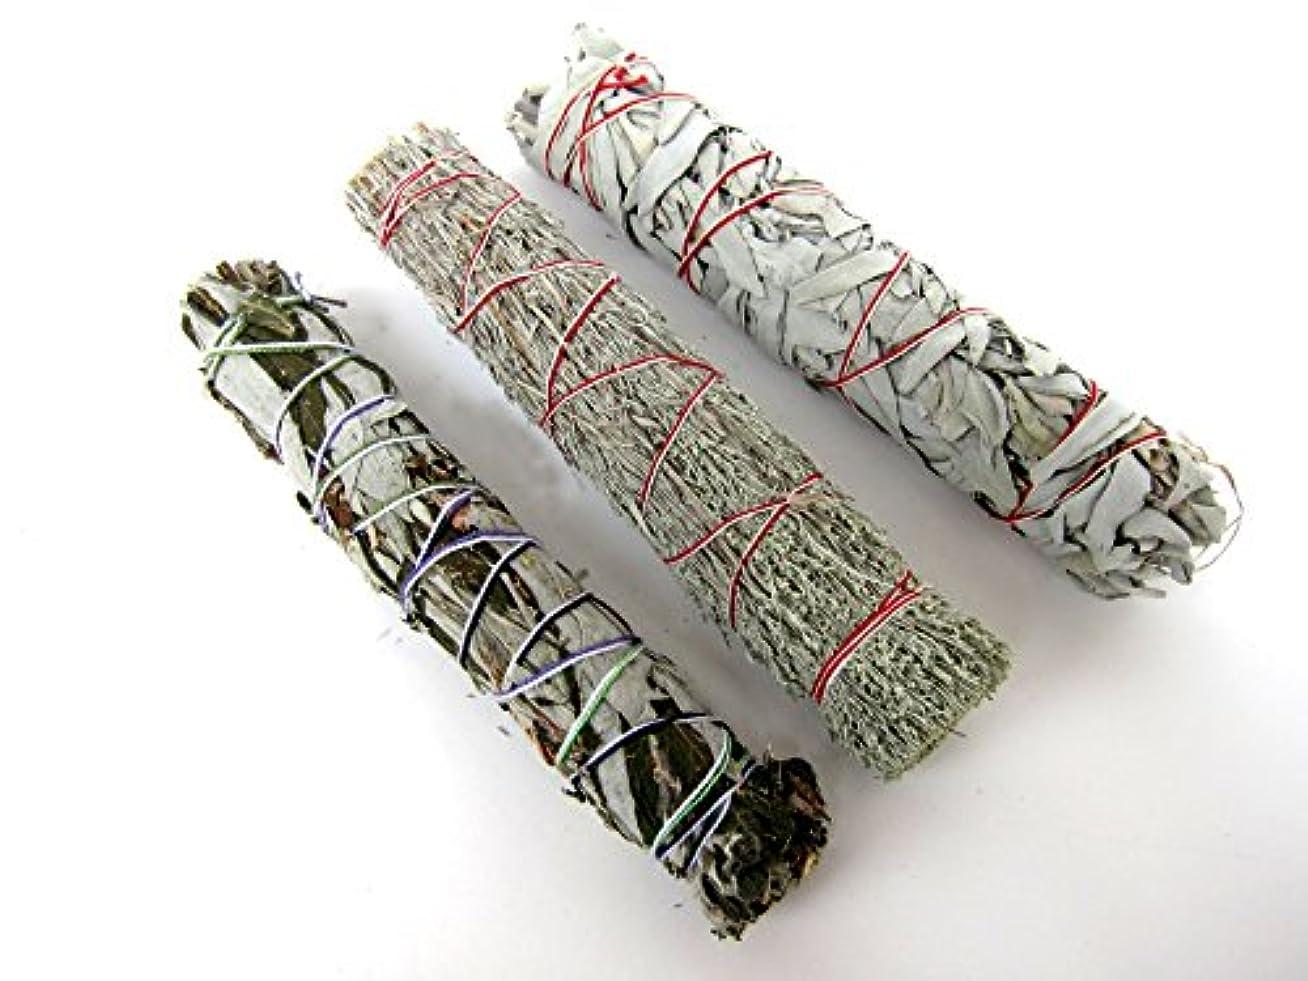 すり減る感心するライラックセージSmudge Sticks Bundle of 3 SticksサンプラーセットLarge 8 – 9インチ